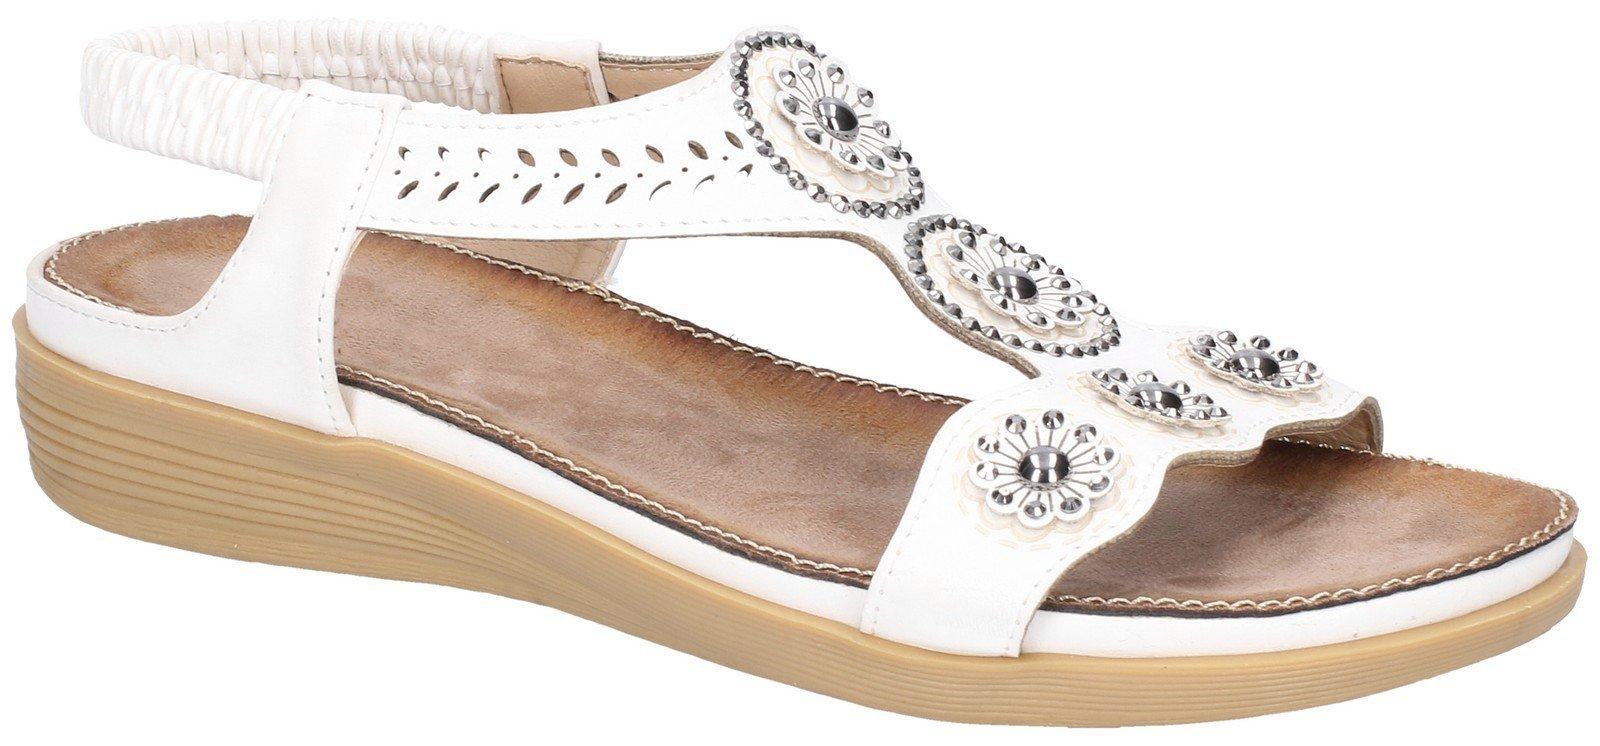 Fleet & Foster Women's Caper Elastic T-Bar Sandal Various Colours 28281 - White 3